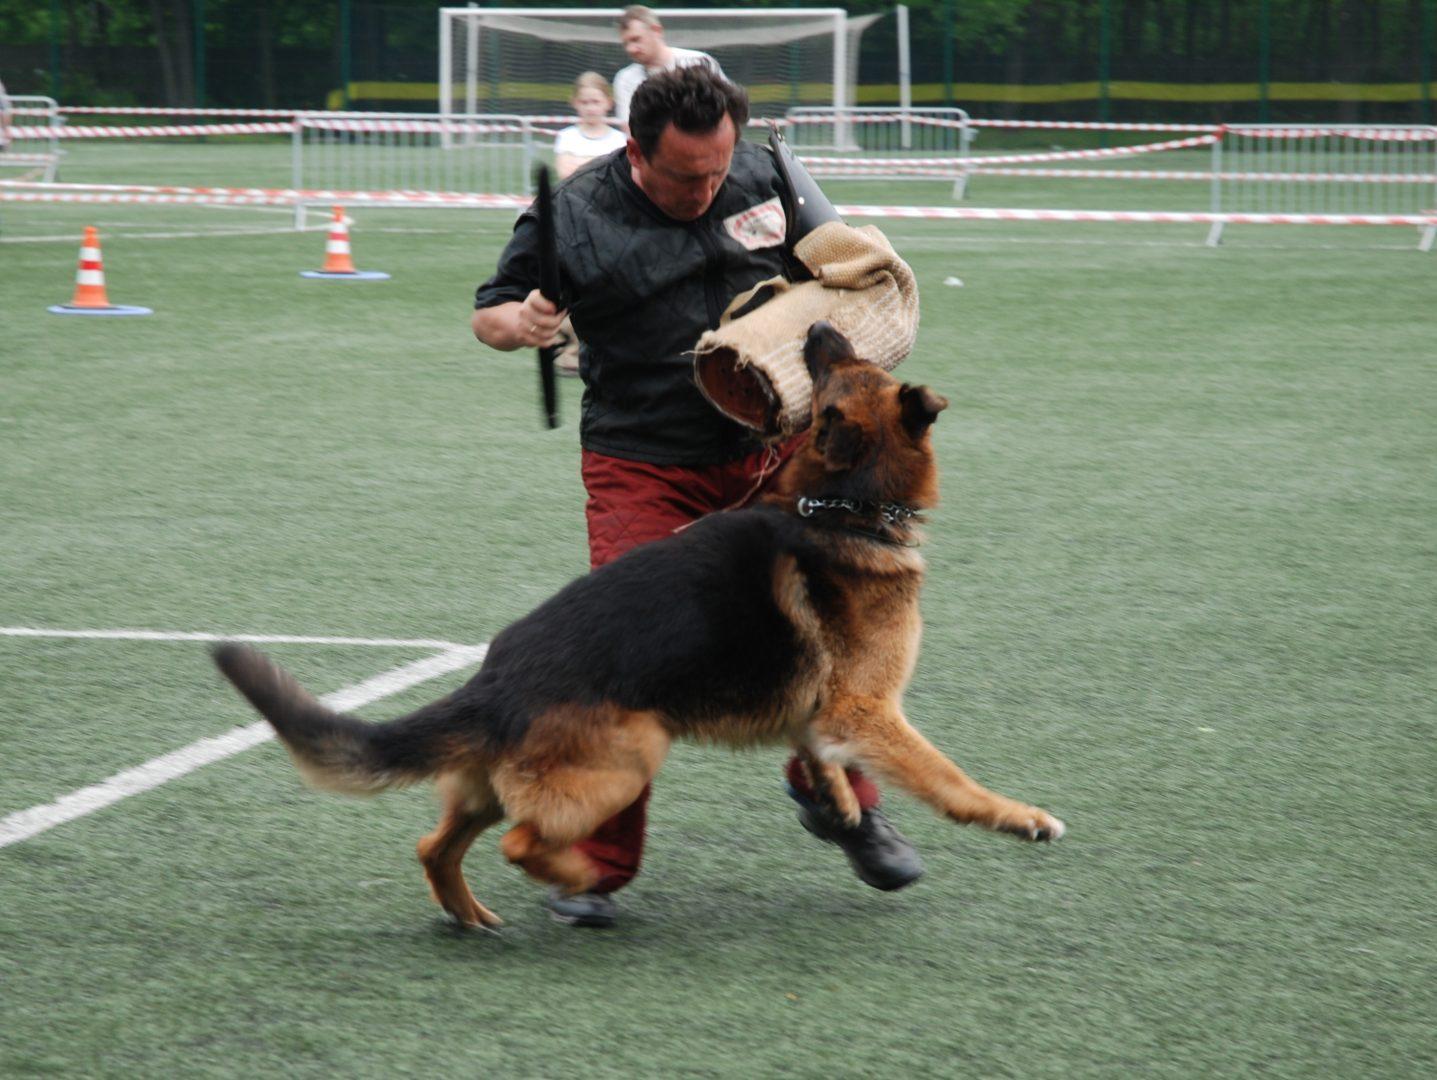 szkolenie psów legionowo,